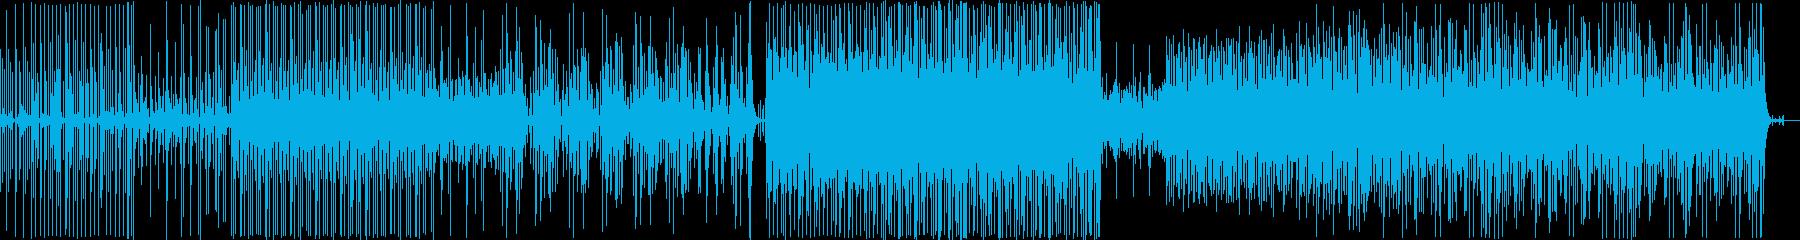 ほのぼの、爽やかなアコースティック楽曲の再生済みの波形